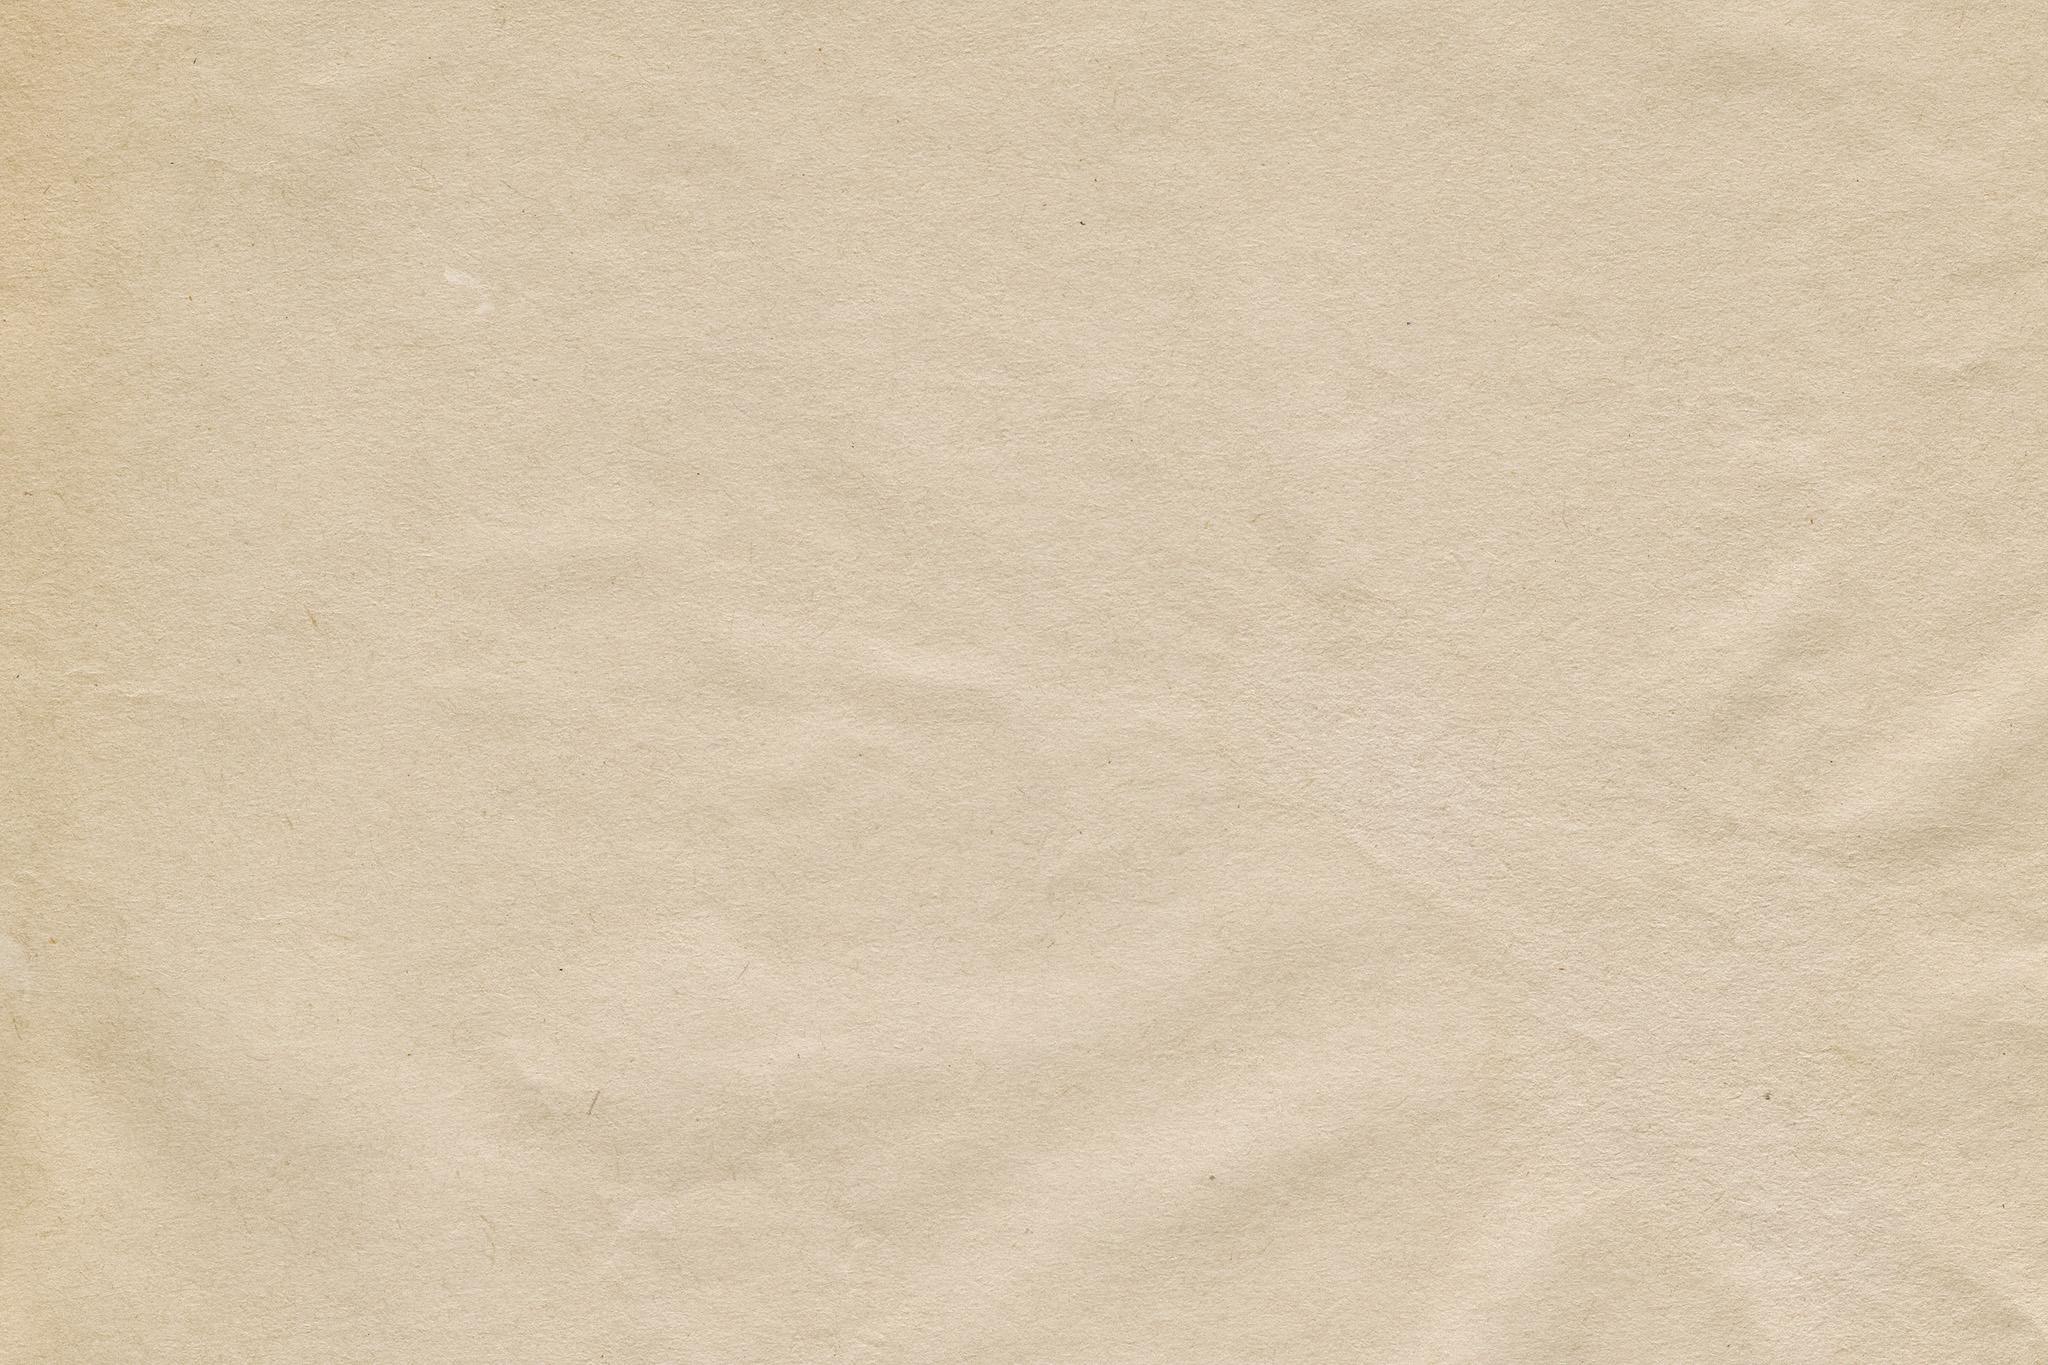 「素朴な雰囲気の生成り色の紙」